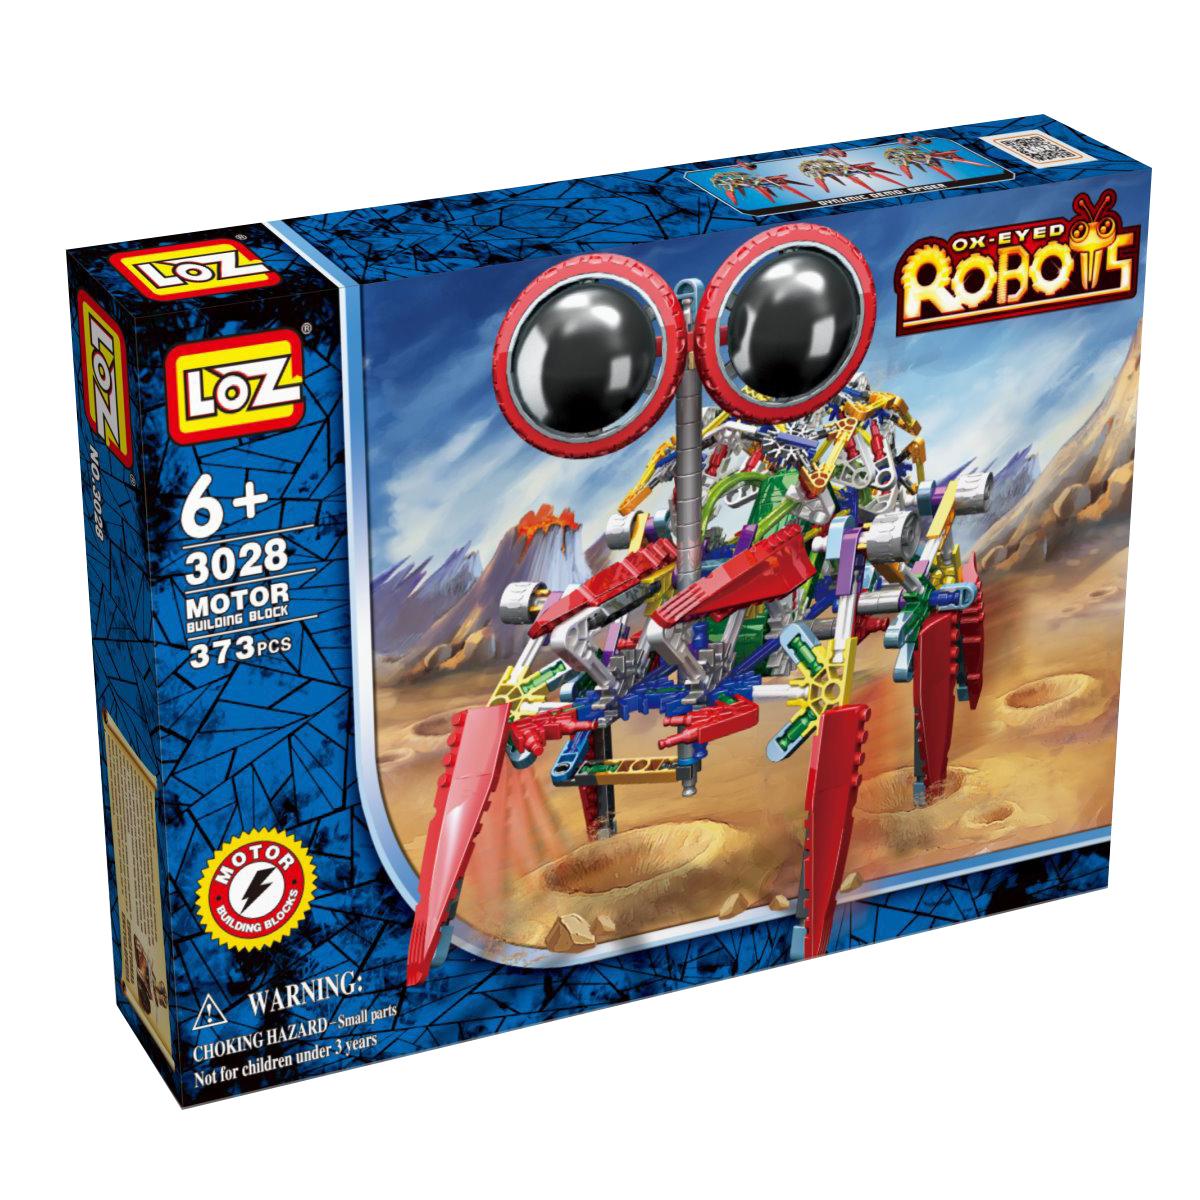 Loz Конструктор iRobot Крабс3028Электромеханический конструктор iRobot. Серия: Роботы. Крабс будет замечательным подарком для Вашего ребенка. С помощью моторчика робот уверенно передвигается. Такая игрушка хорошо влияет на развитие у ребенка мелкой моторики, логического мышления, внимательности и усидчивости. Конструкторы данной серии уникальны тем, что малыш может играть получившейся игрушкой. Для работы моторчика нужны две батарейки типа АА (в комплект не входят). В набор входит 373 деталей конструктора и подробная инструкция. Рекомендовано для детей от 6-ти лет.